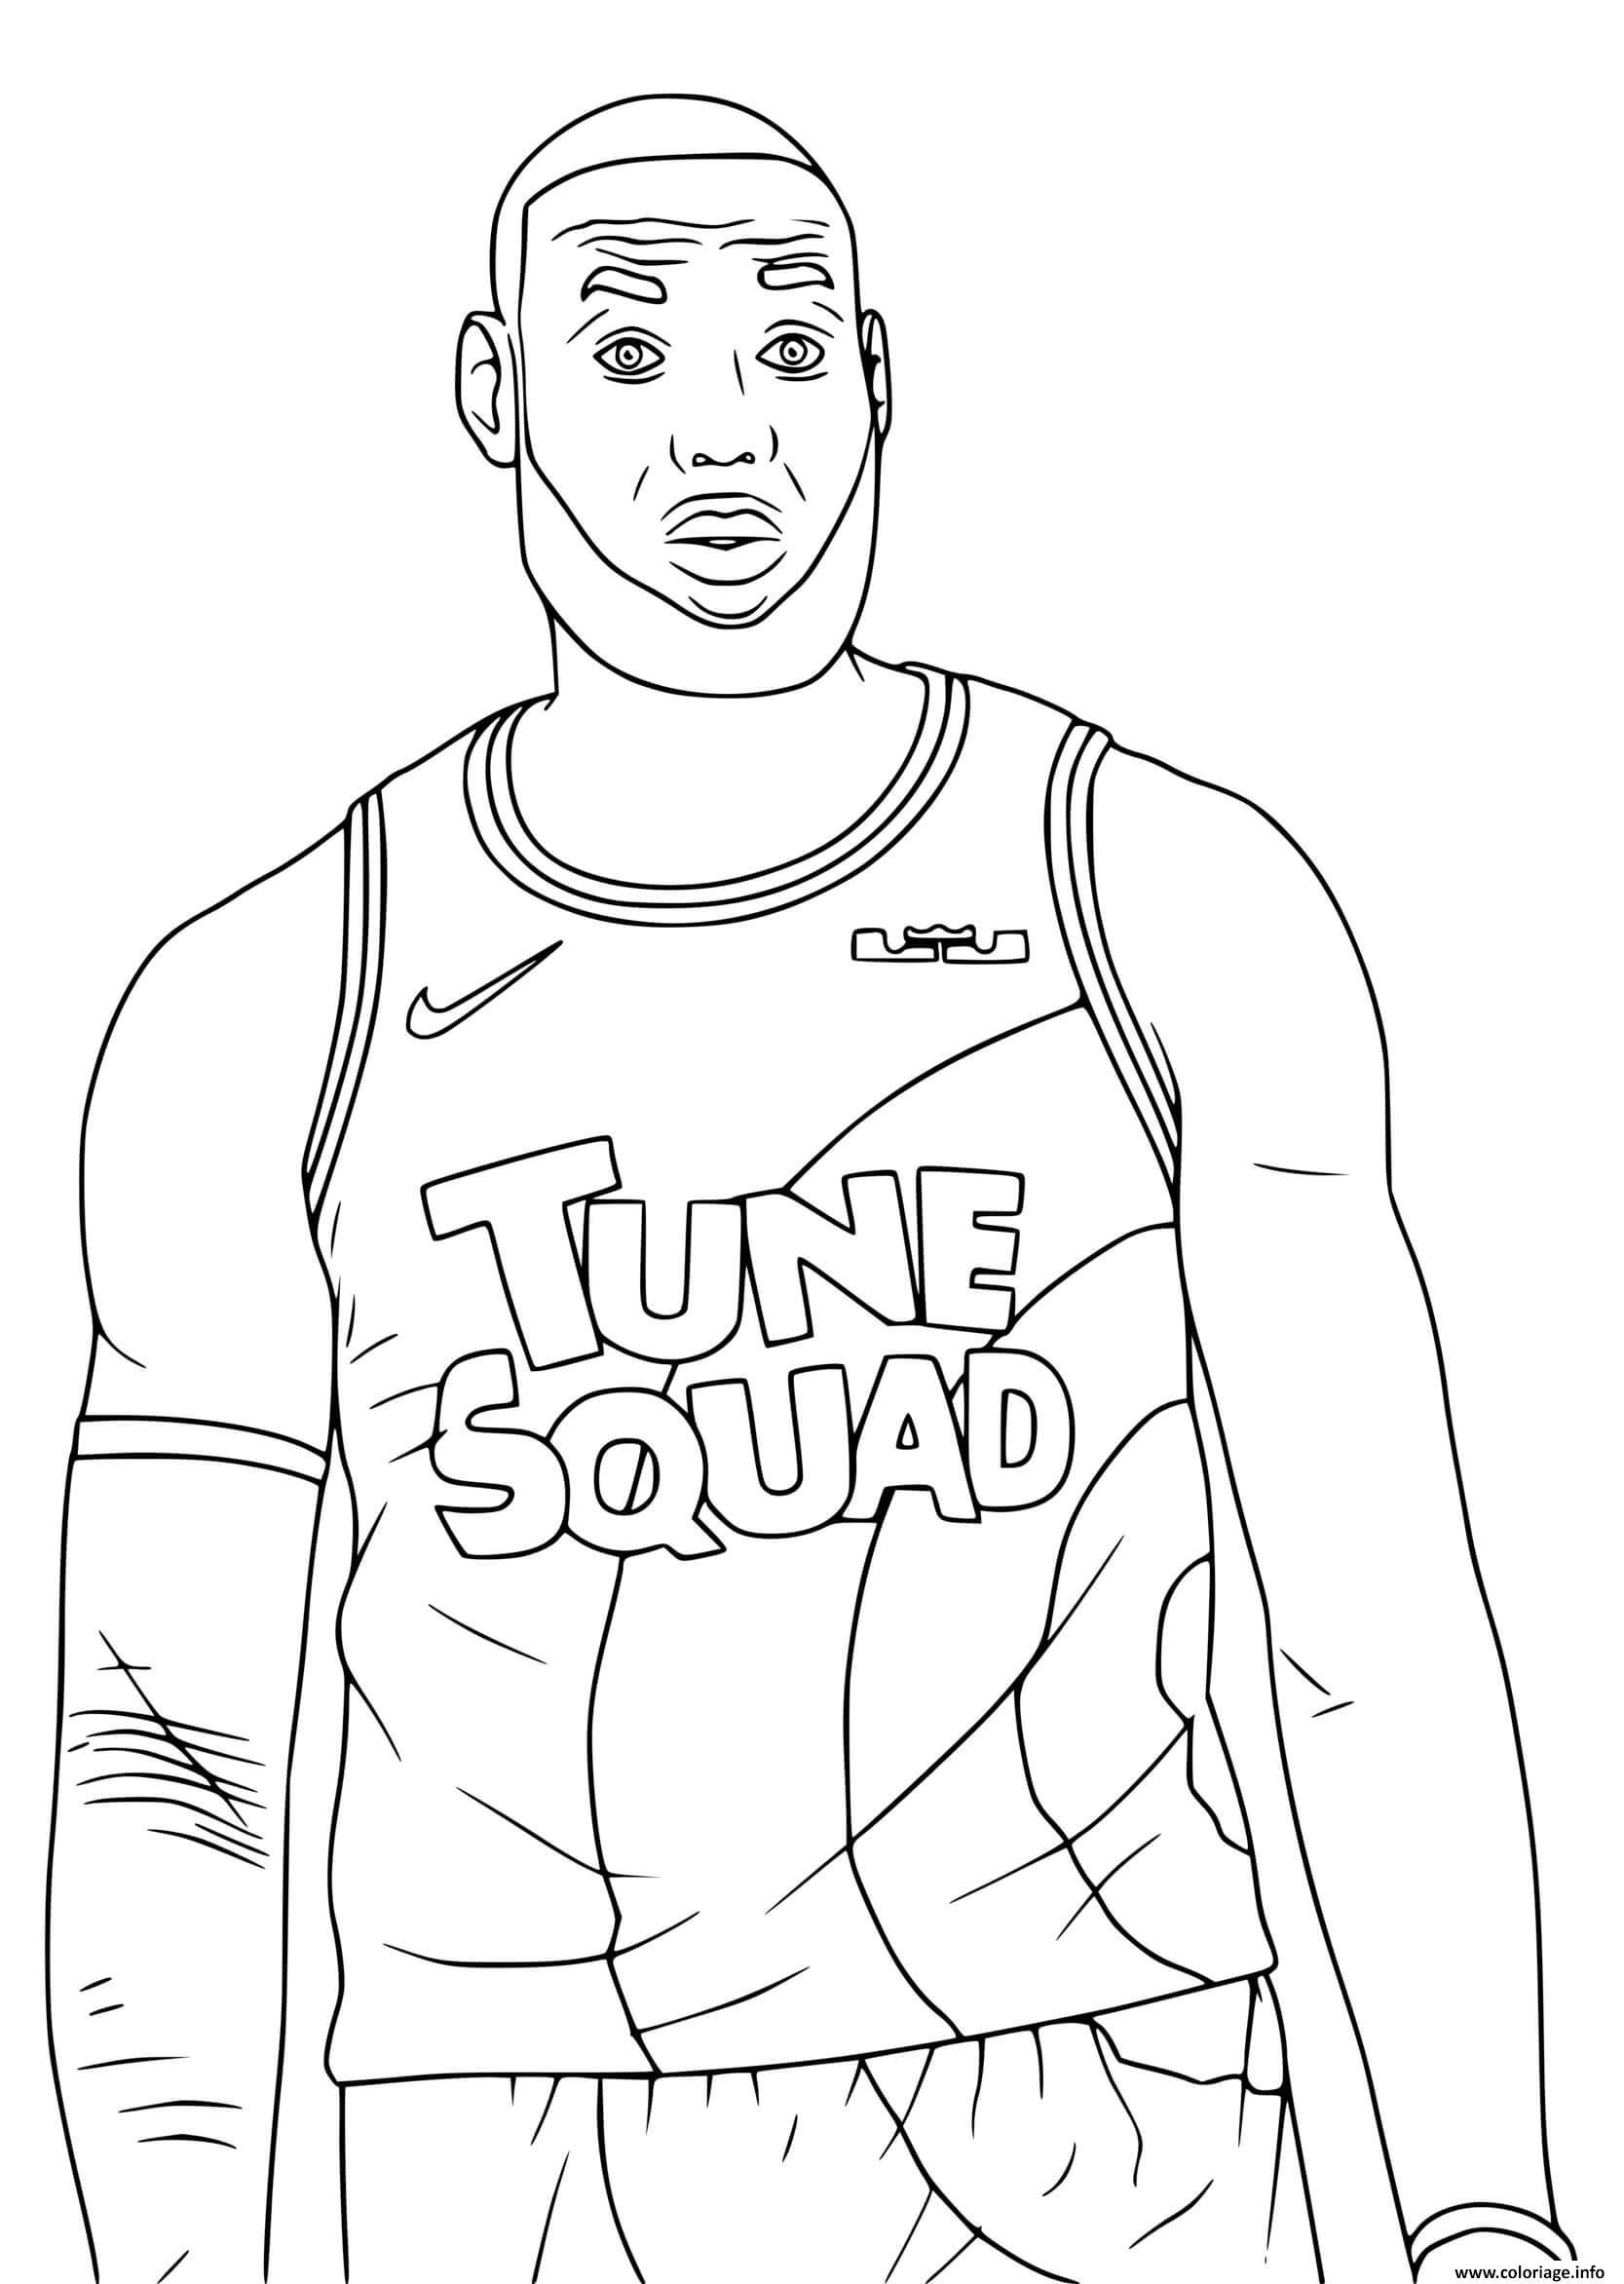 Dessin LeBron James Tune Squad Space Jam 2 Coloriage Gratuit à Imprimer